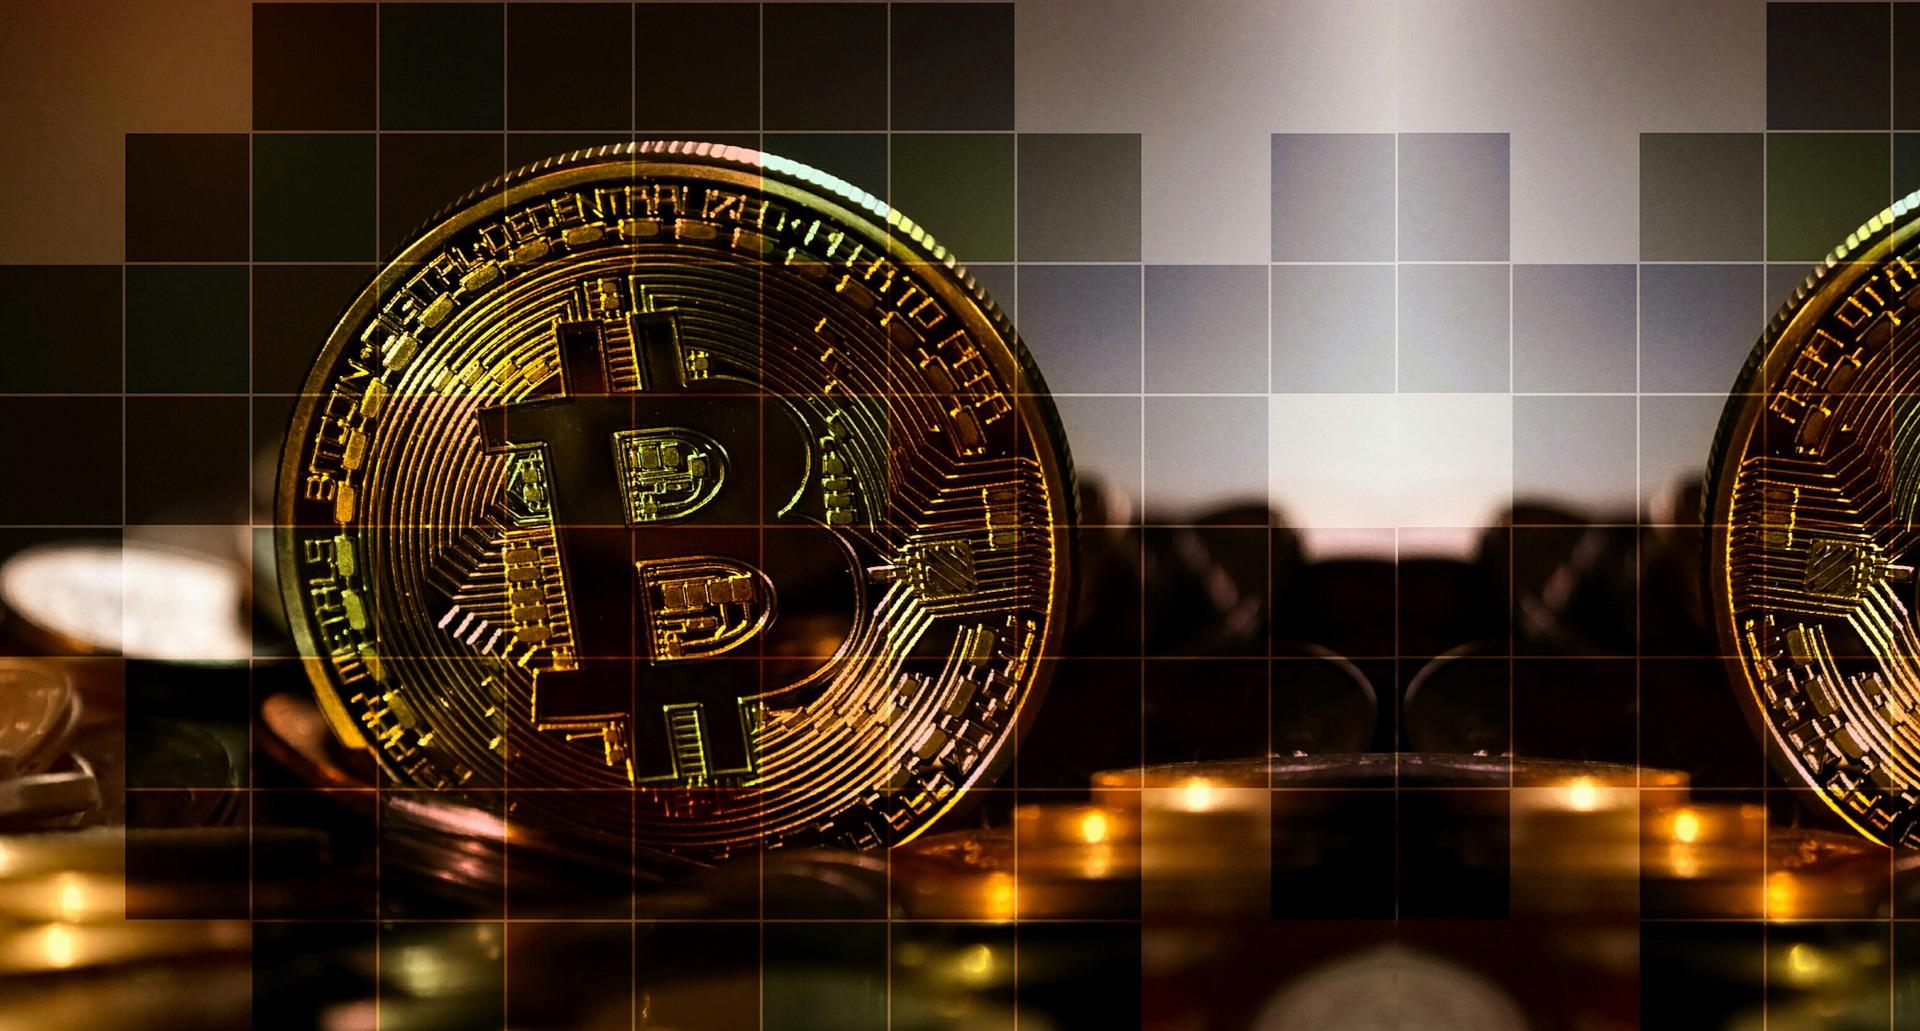 De volatiliteit van de cryptocurrencies